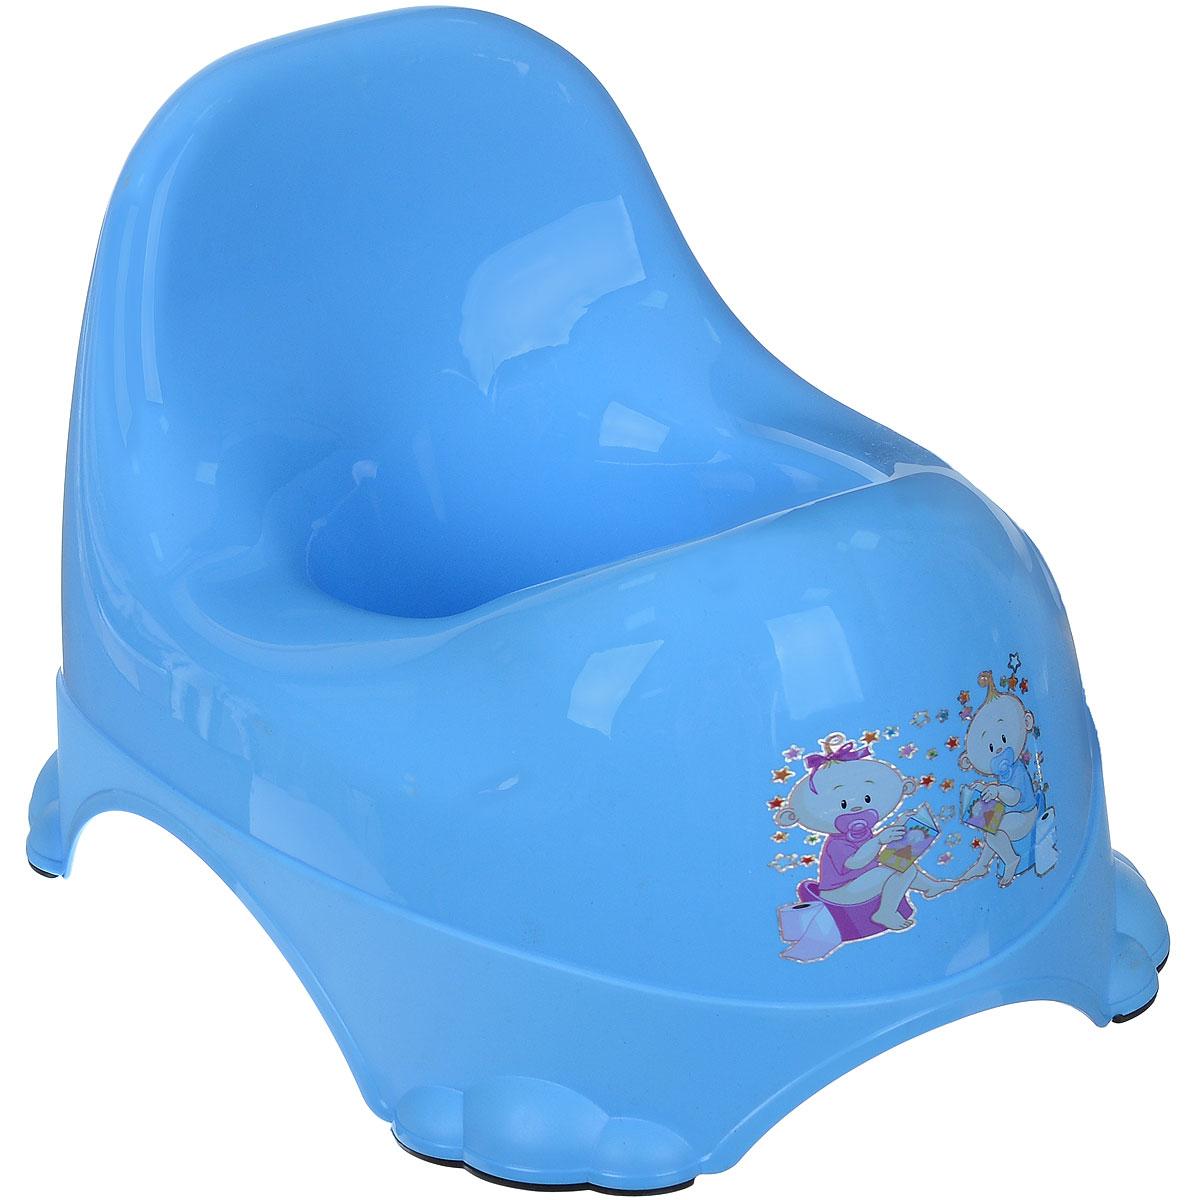 Горшок детский Dunya Plastik Ниш-бэйби, цвет: голубой11113_голубойДетский горшок Dunya Plastik Ниш-бэйби выполнен из безопасного пластика без содержания токсичных веществ. Устойчивая конструкция, эргономичный дизайн и высокая спинка горшка обеспечивают удобное сидячее положение и способствуют улучшению осанки, а действенная защита предотвращает разбрызгивание. Корпус горшка оформлен красочным изображением. Ножки горшка в виде лапок имеют прорезиненное основание для меньшего скольжения. Горшок очень легкий, имеет удобную ручку для переноски и гладкую закругленную поверхность, которую легко мыть. Детский горшок Dunya Plastik Ниш-бэйби идеален для приучения ребенка к горшку и отказу от подгузников.